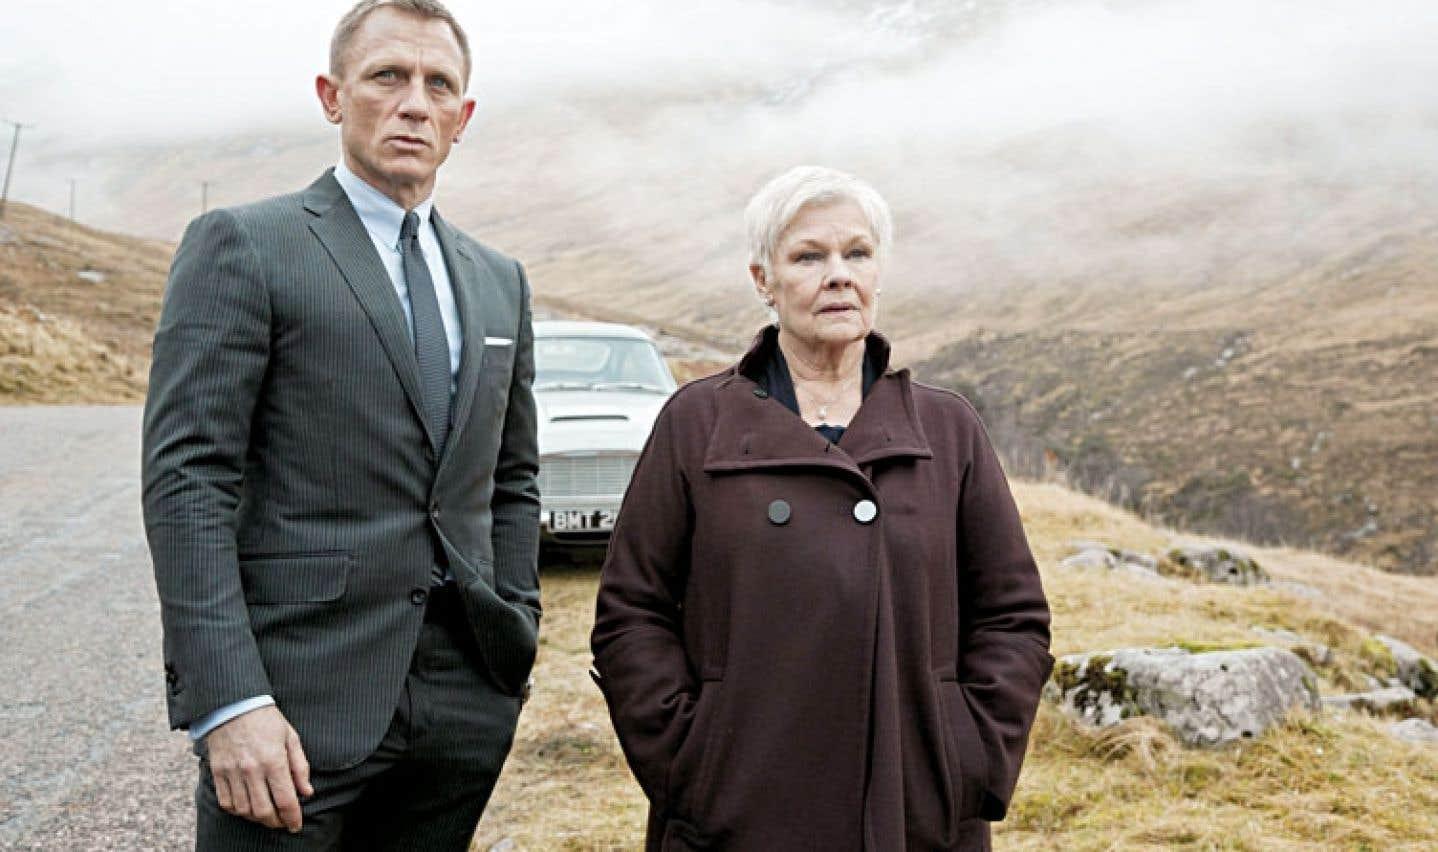 Fils prodigue, le James Bond de Skyfall (Daniel Craig) régresse jusqu'audit manoir familial décati en compagnie de M (Judi Dench), figure maternelle autoritaire mais couveuse.